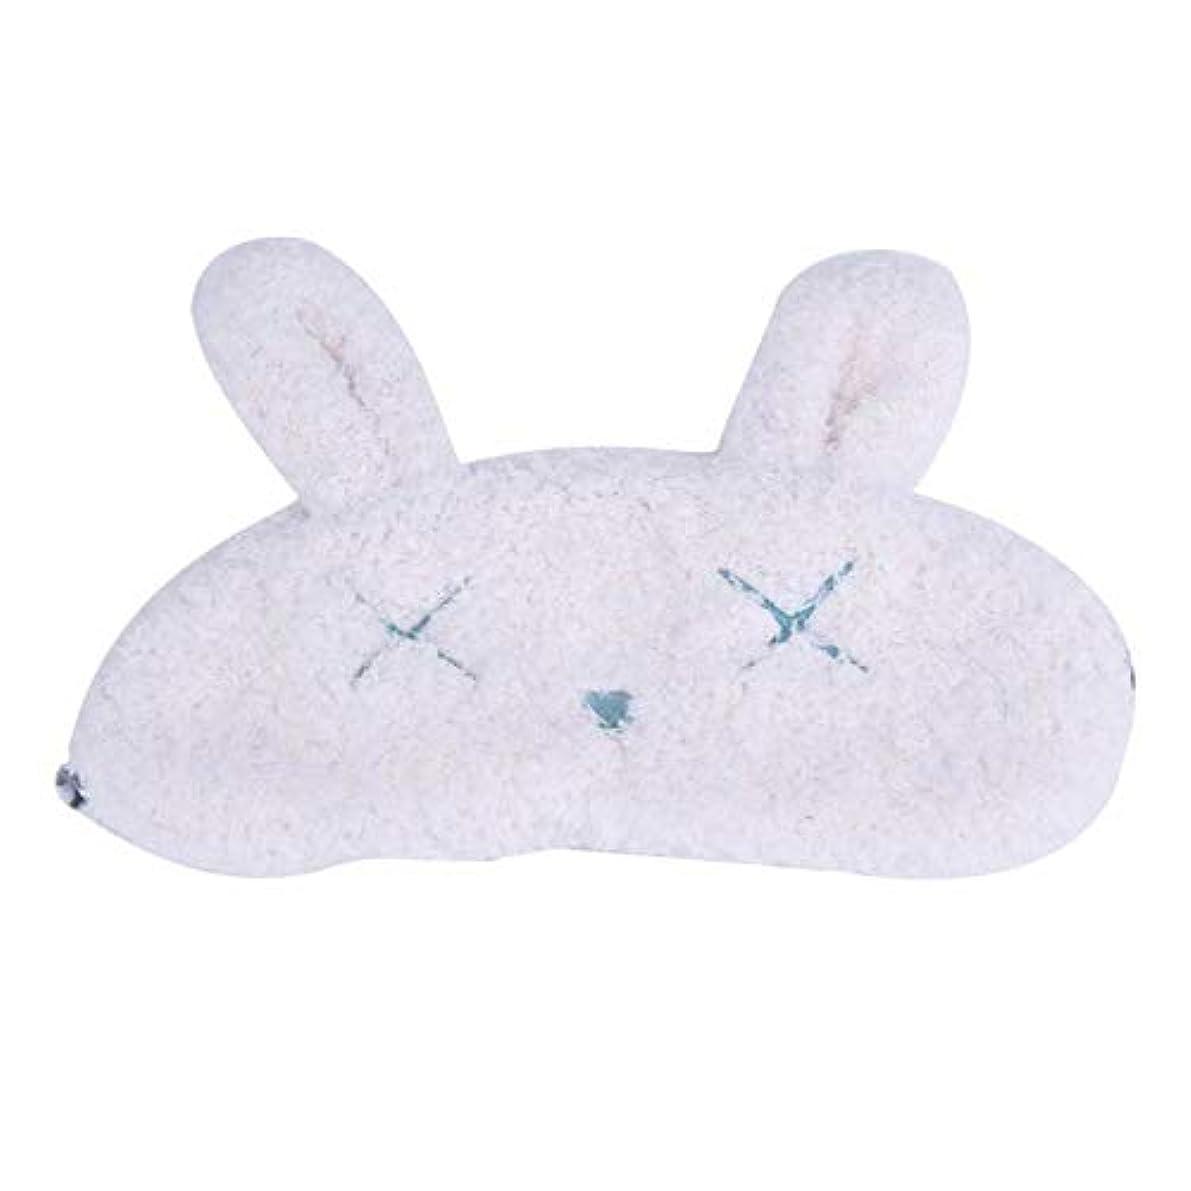 乙女将来のロックNOTE アイカバー睡眠マスクアイパッチ旅行目隠しシールド睡眠補助用品睡眠ケア